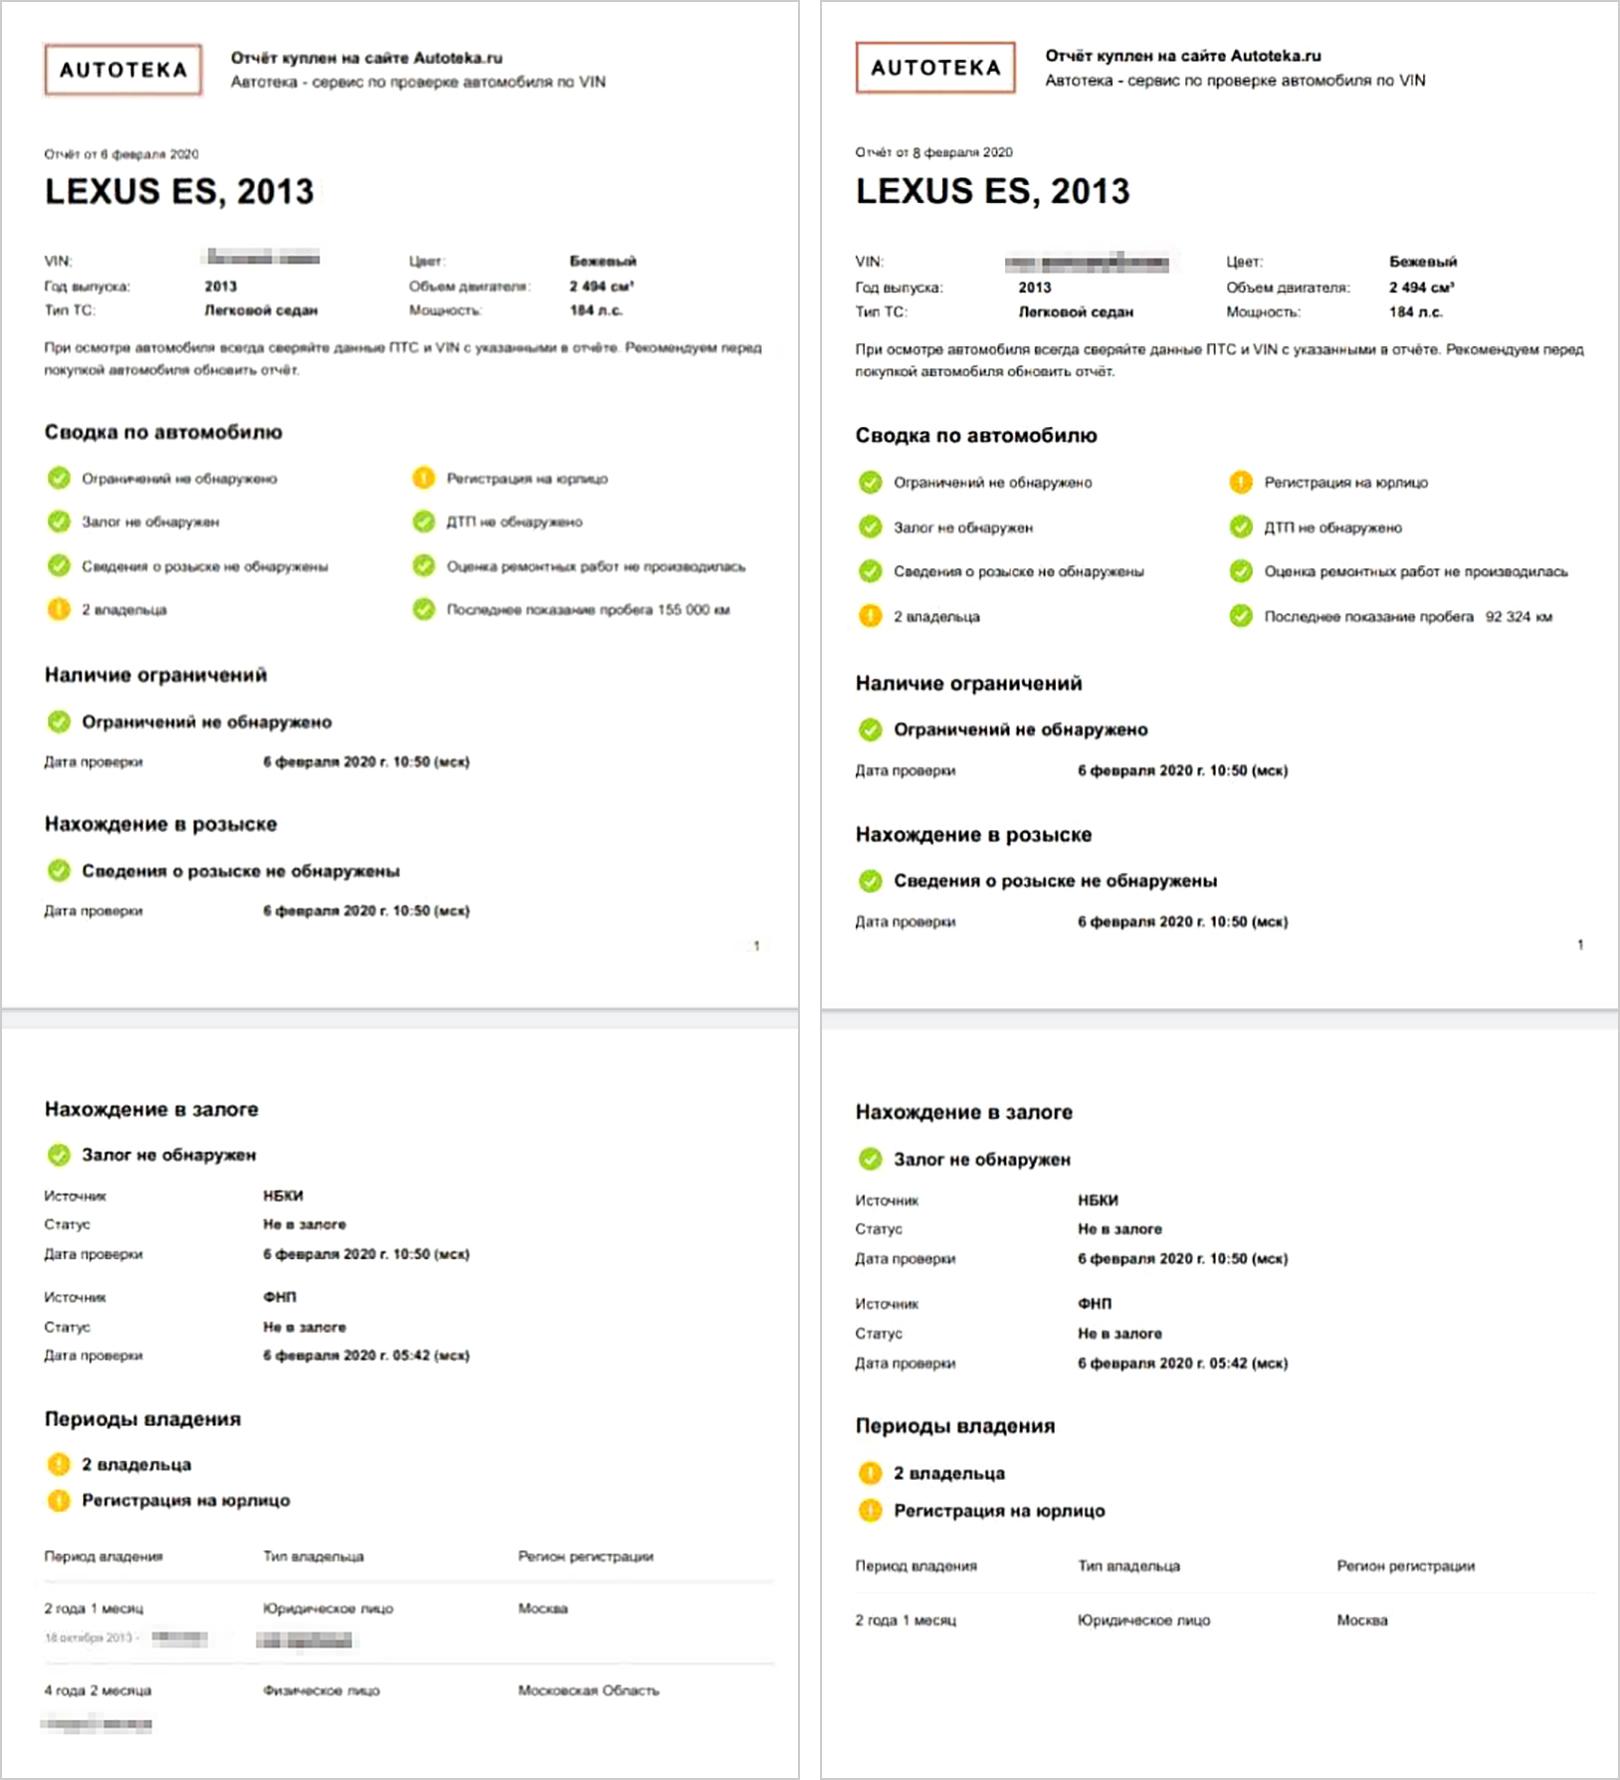 Чтобы доказать свою добросовестность, продавцы приводят примеры исправленных отчетов одного из сервисов по проверке авто. Слева — оригинальный, справа — после изменения, в нем убрали последнего владельца и уменьшили пробег. Конечно, такое легко сделать в любом графическом редакторе